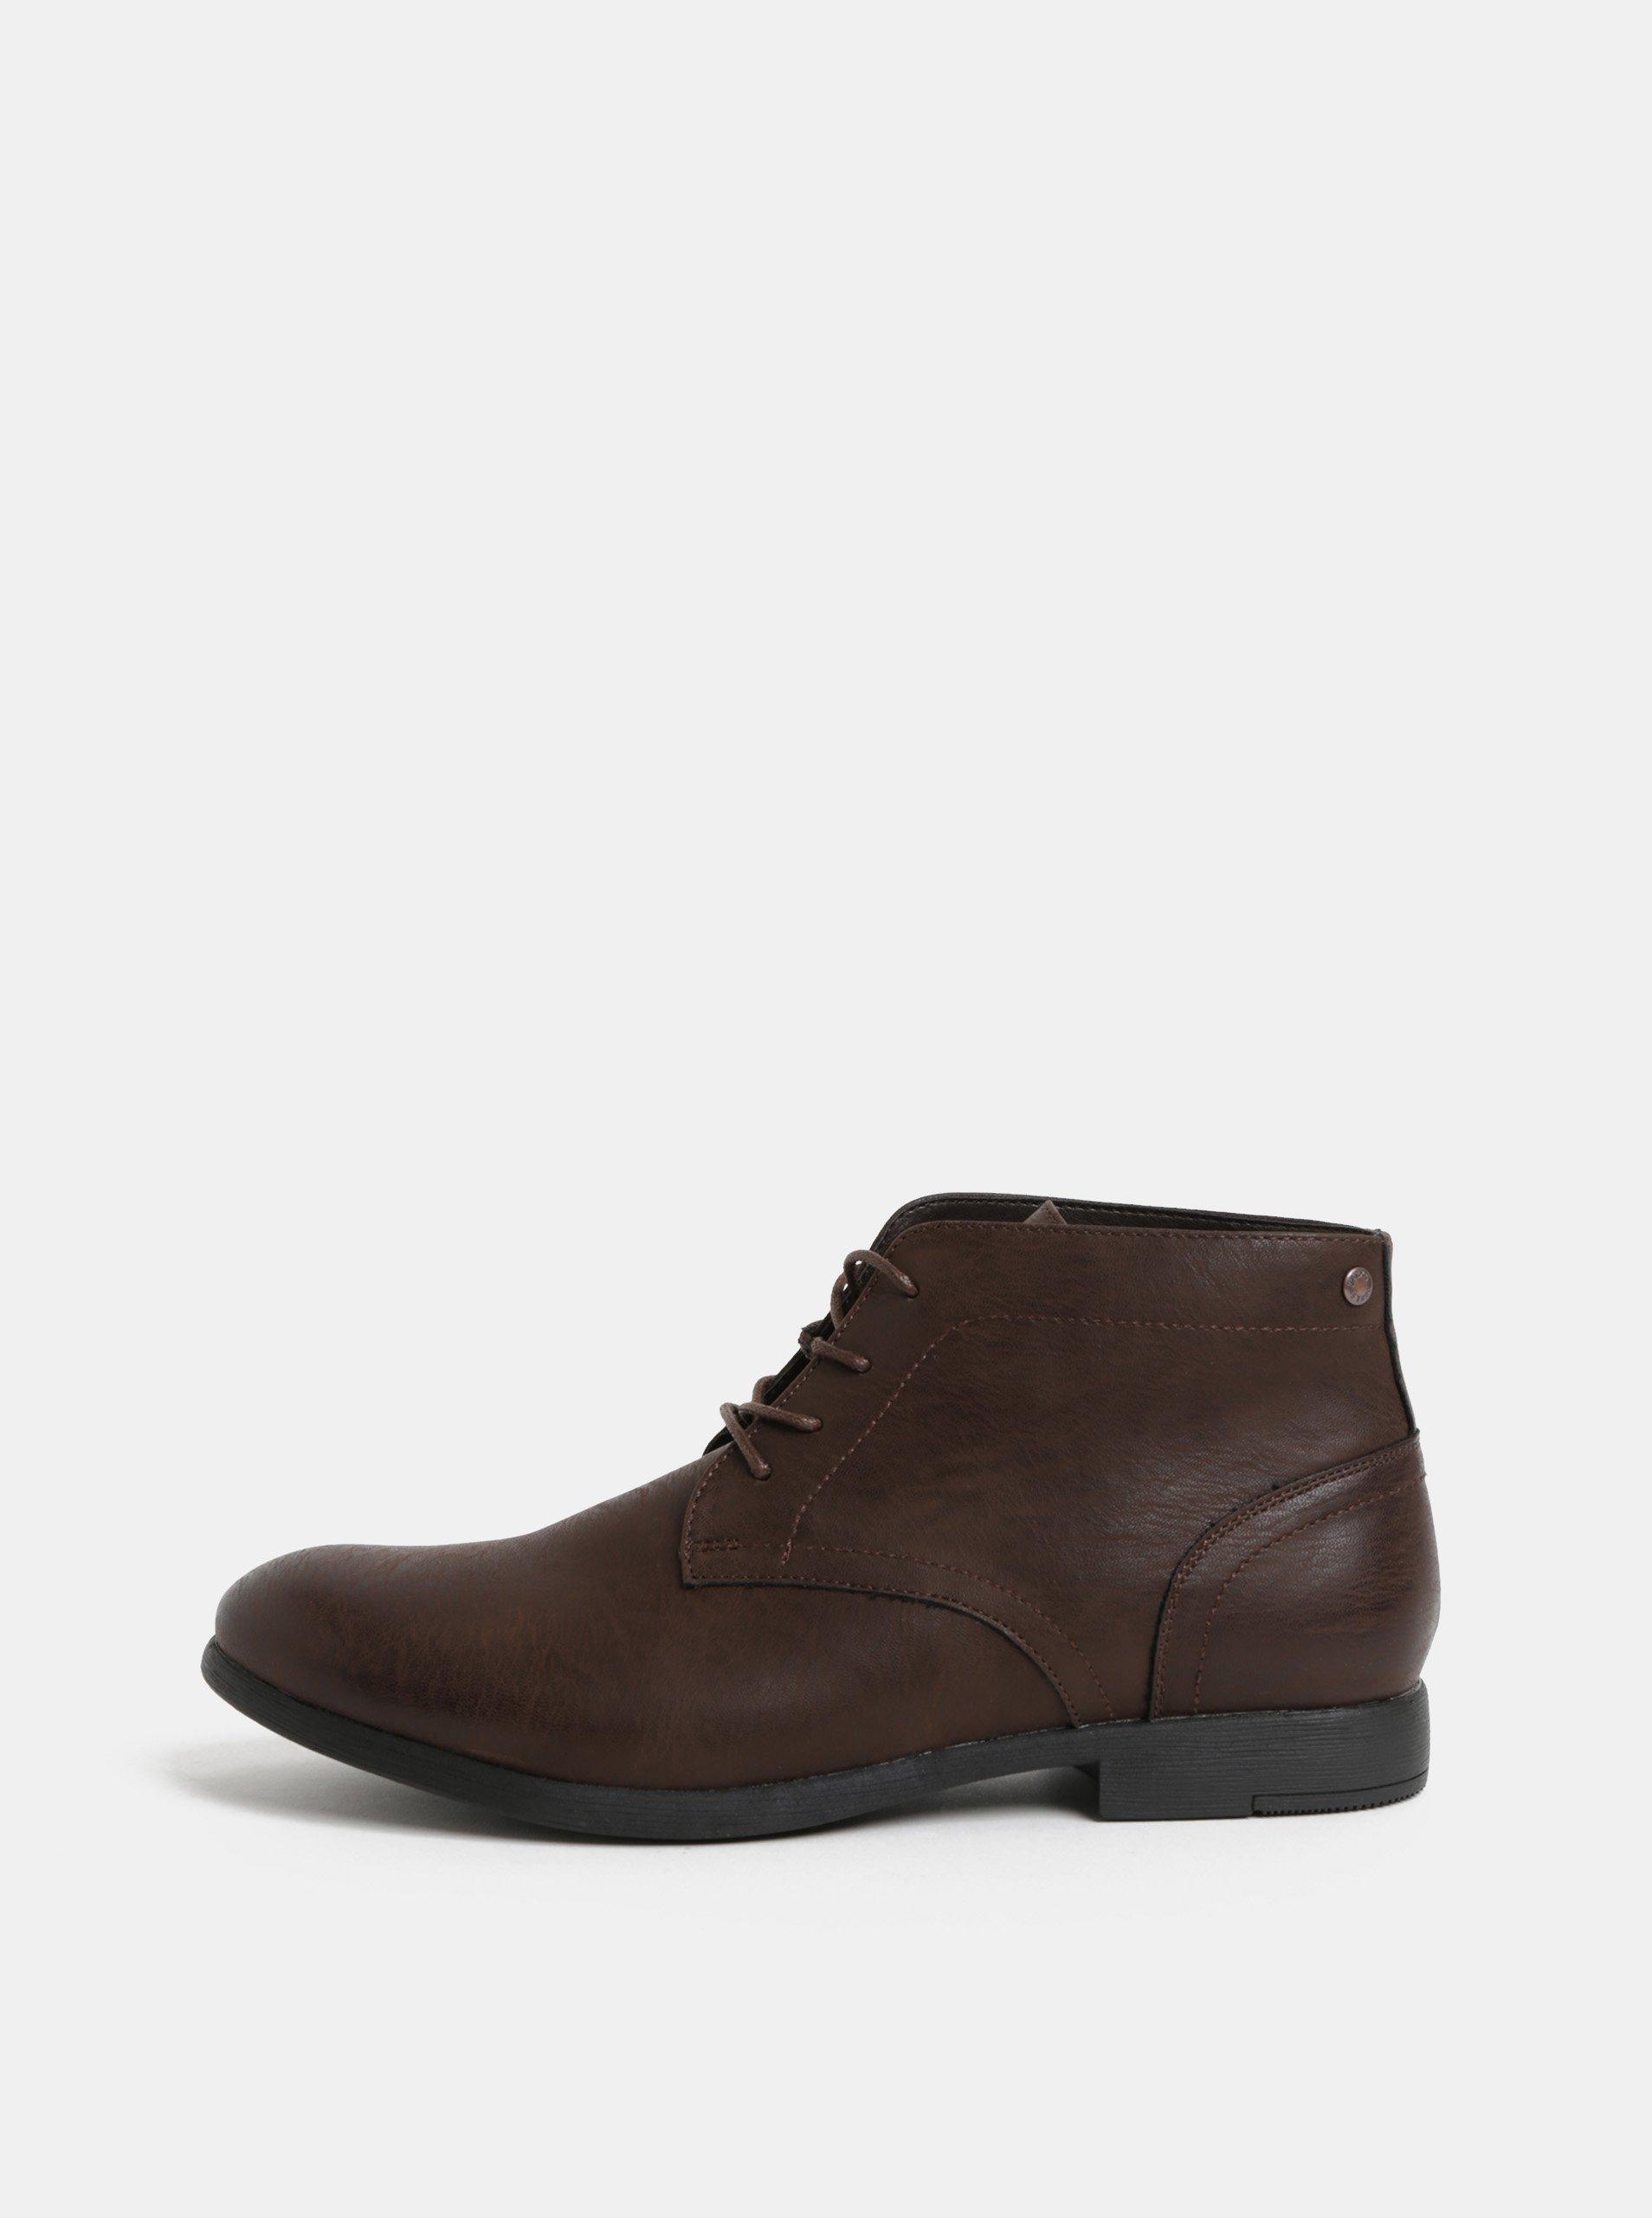 Hnědé pánské kotníkové boty Jack & Jones Desmond